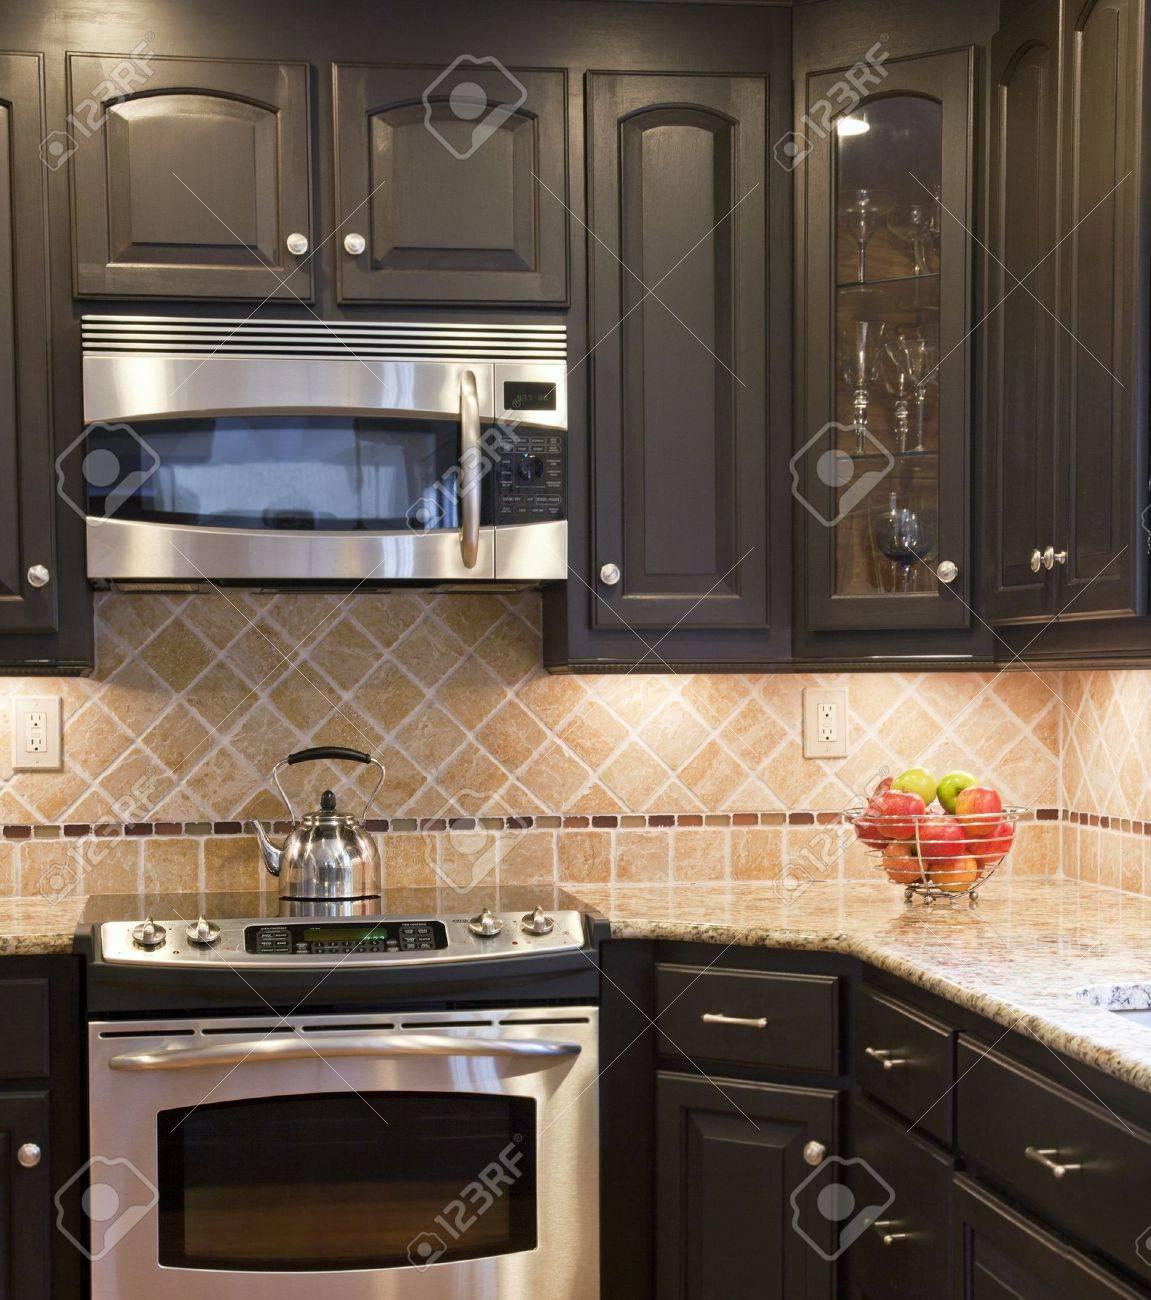 Modern kitchen with dark brown woodedn cbinets Stock Photo - 11560557